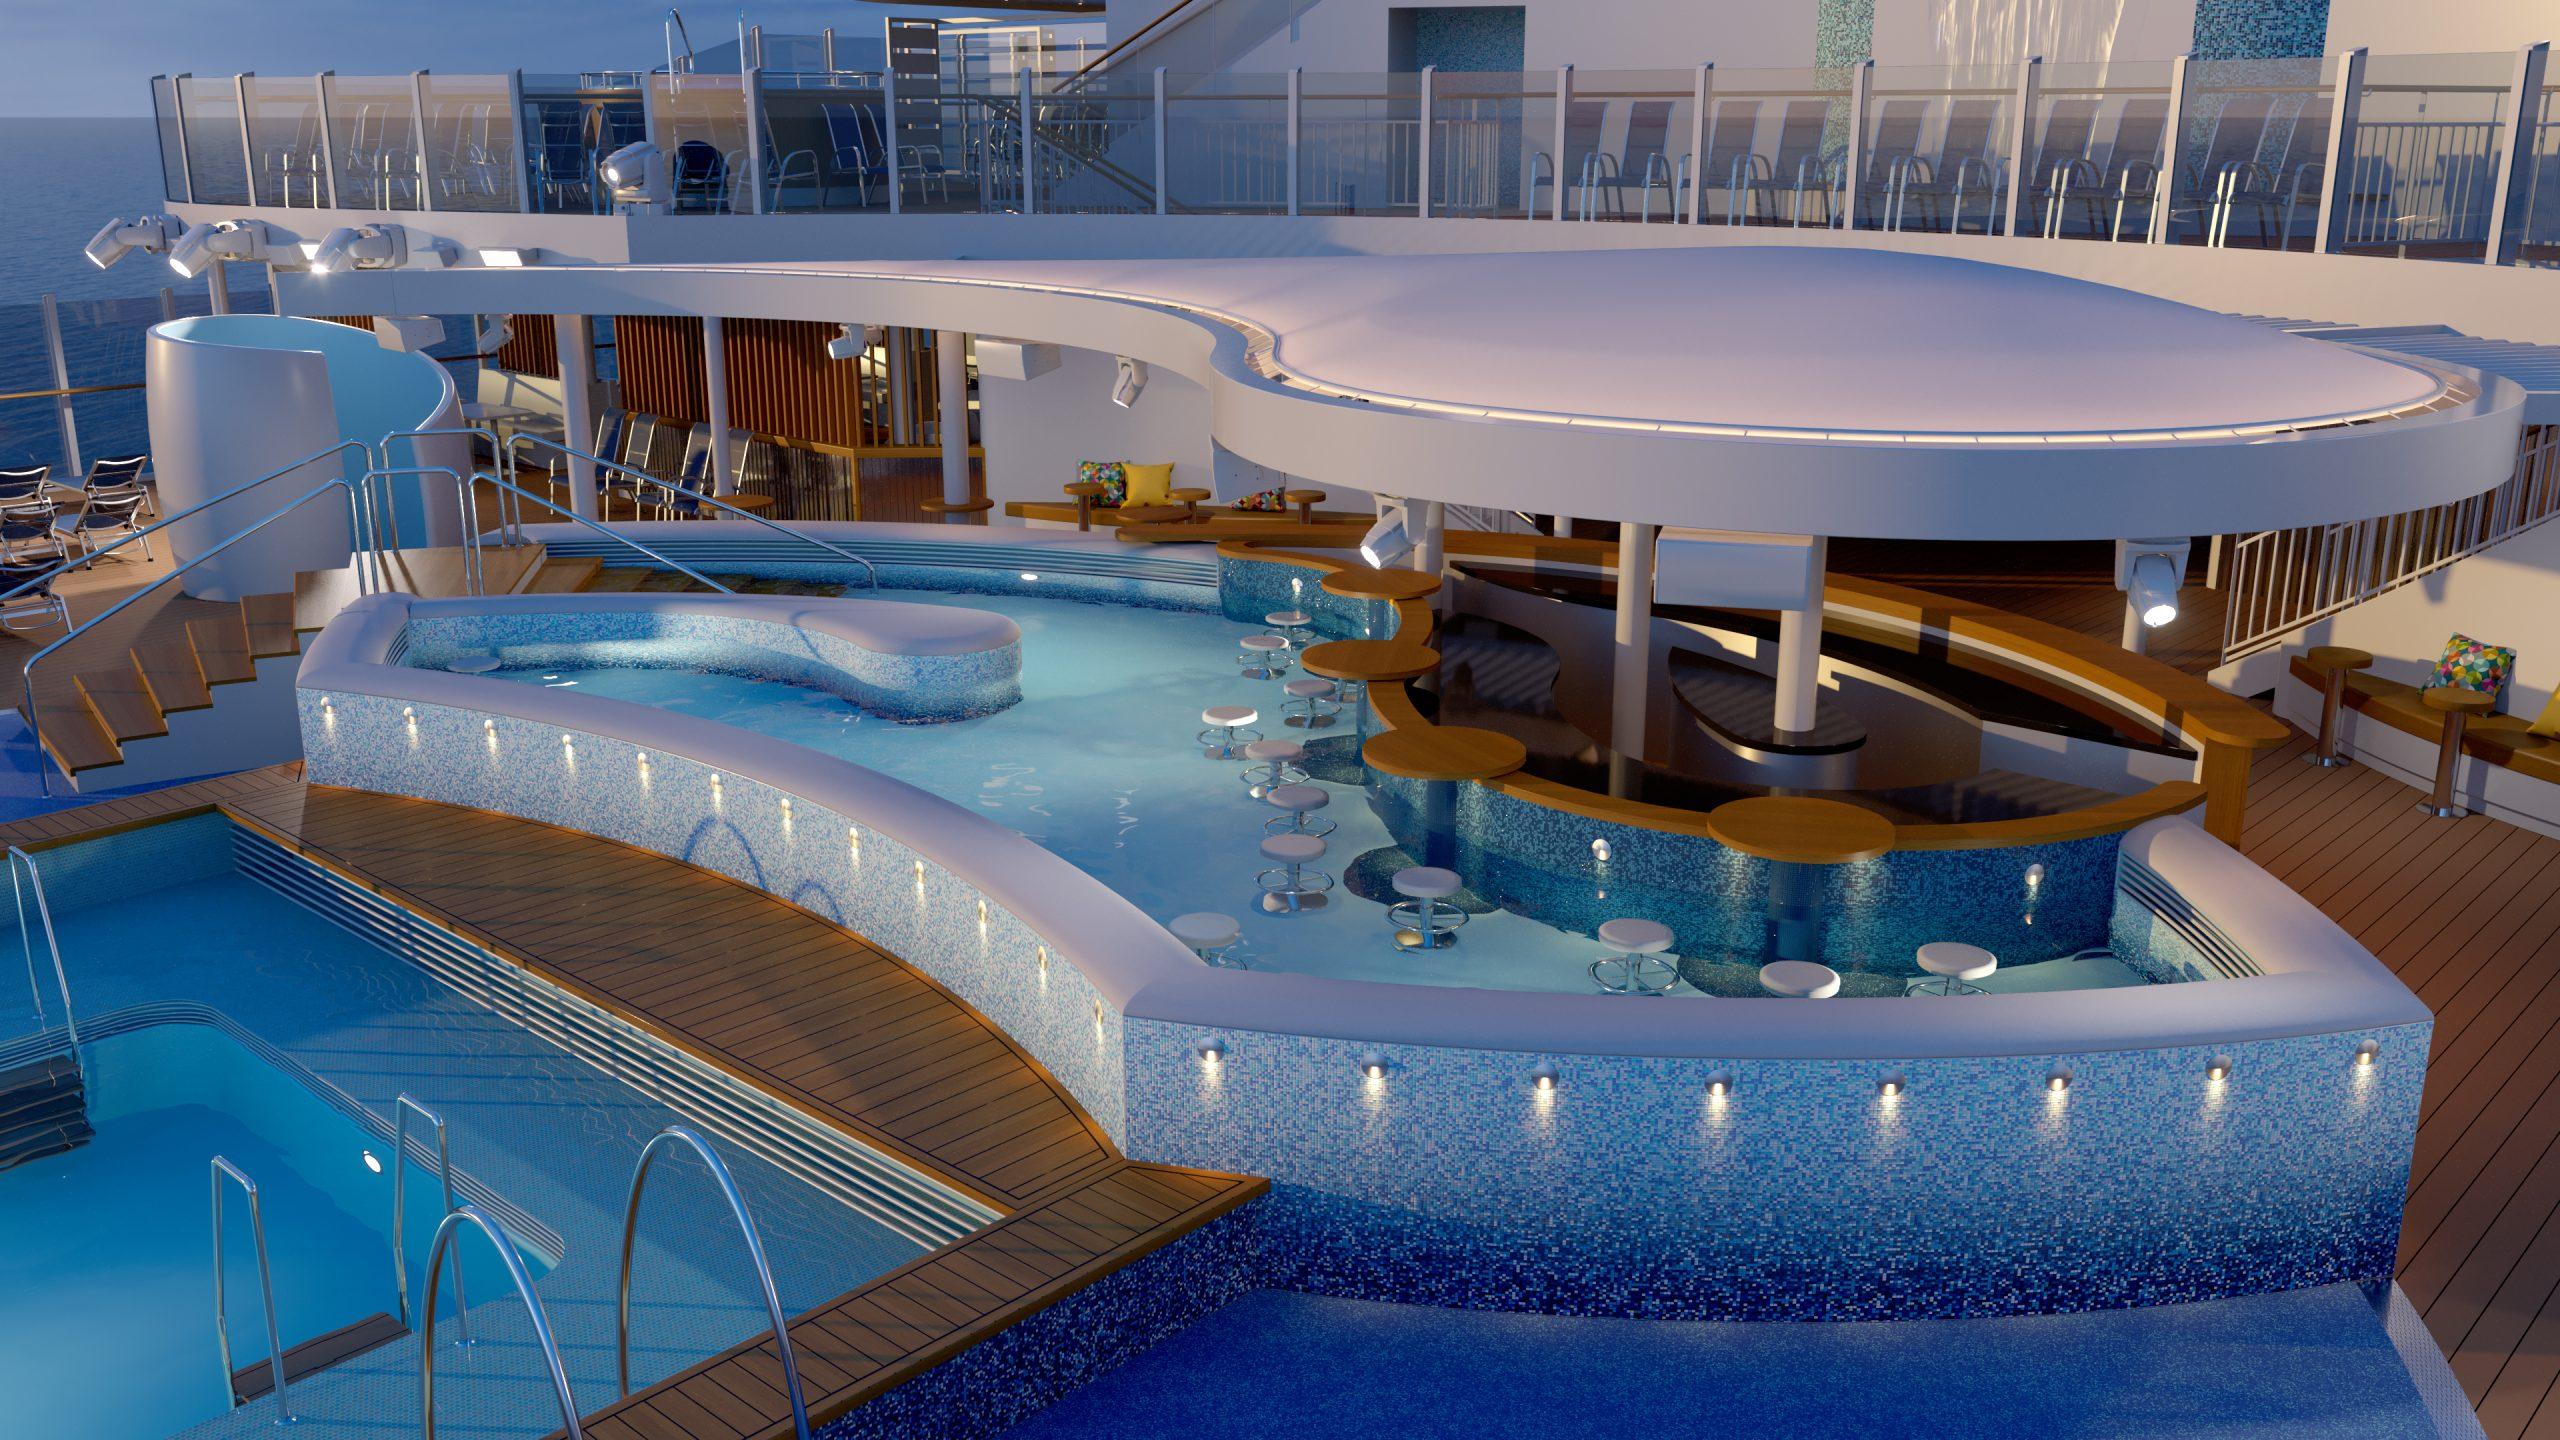 Für P&O Cruises entsteht mit der Arvia auf der Papenburger Meyer-Werft aktuell das zweite mit Flüssigerdgas (LNG) betriebene Schiff.